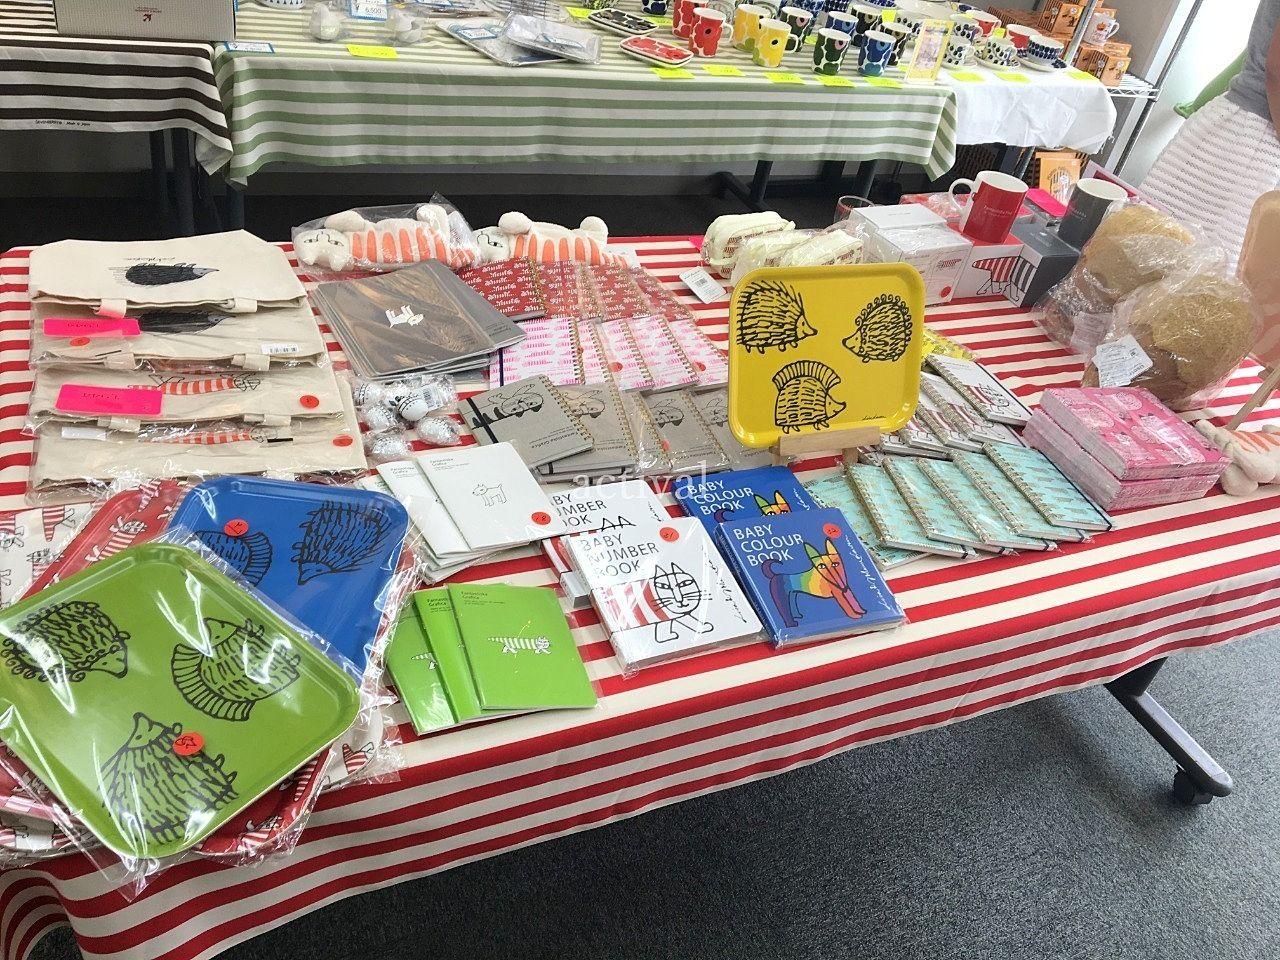 ア・ス・ヴェルデ「週貸店舗」での北欧雑貨の販売です。